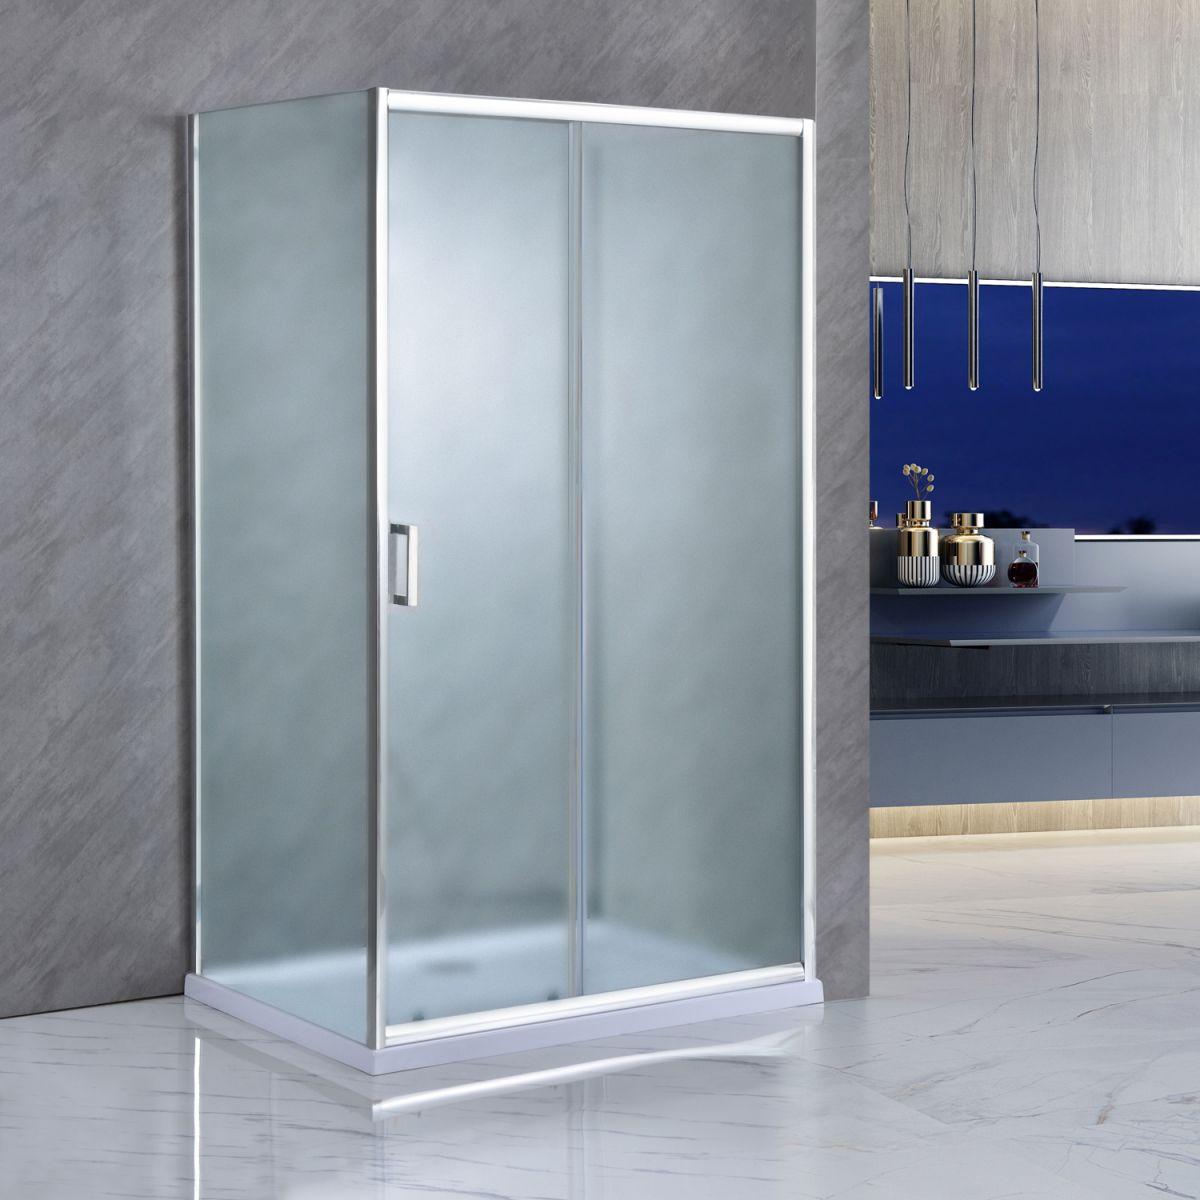 """SE 142 01 Box Cabina doccia tre lati """"Saturno"""" 70x130x70 cm scorrevole cristallo satinato 6 mm"""